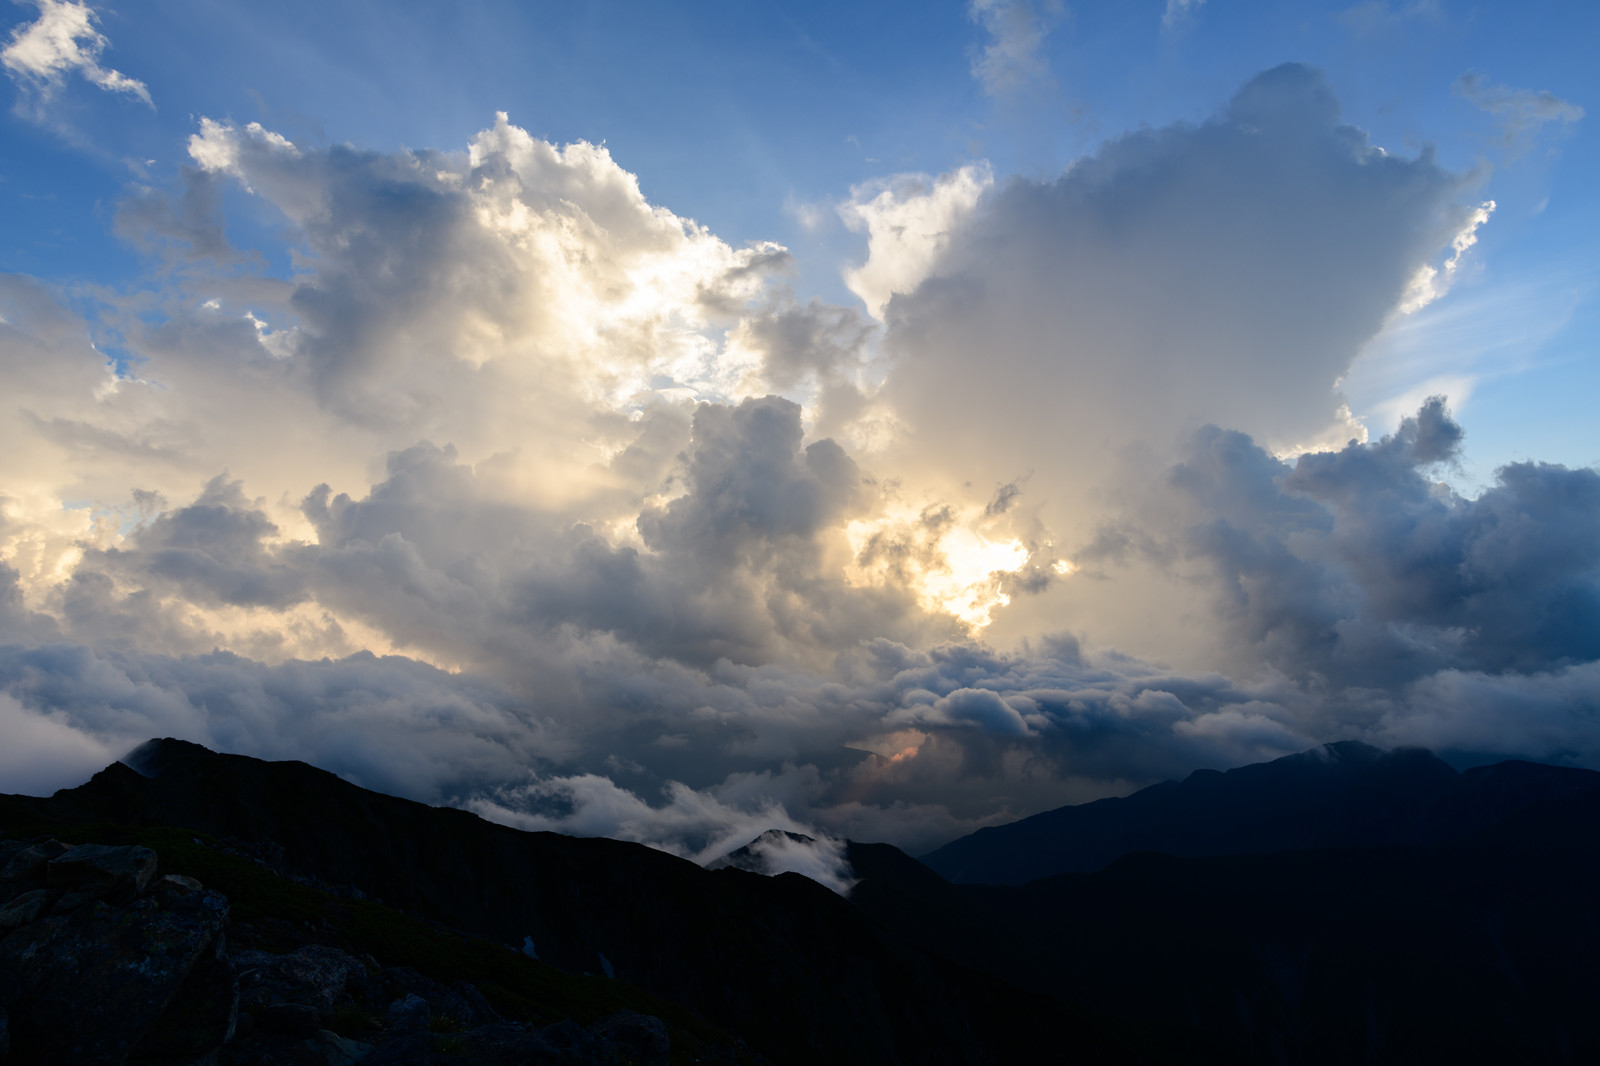 「雲の中から溢れ出る太陽の光(南アルプス)」の写真